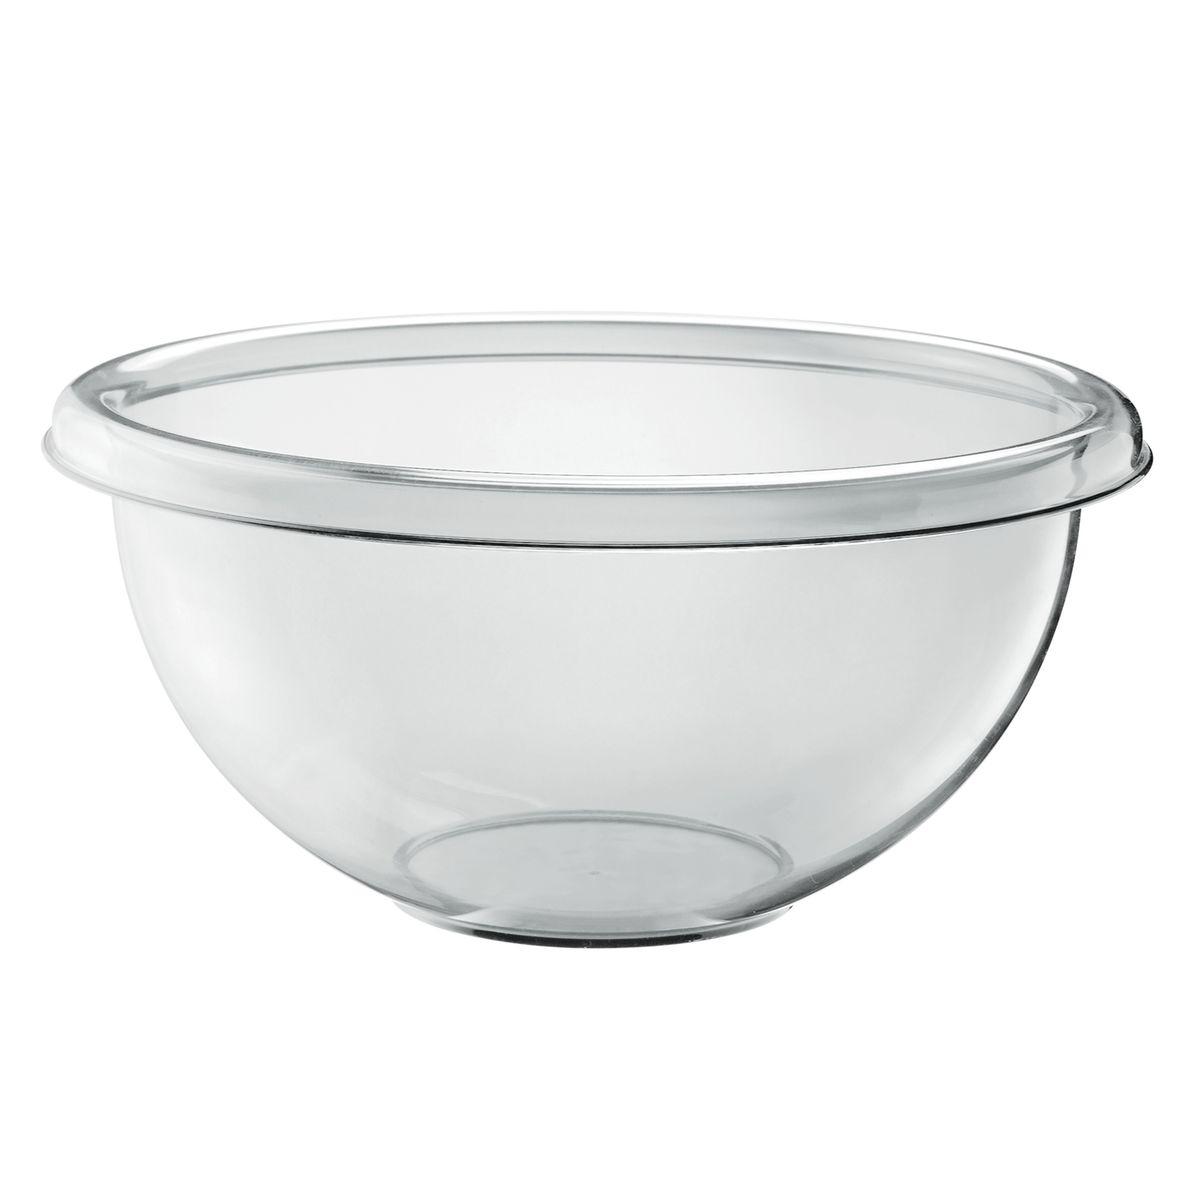 guzzini - saladier 29cm transparent - 08602500